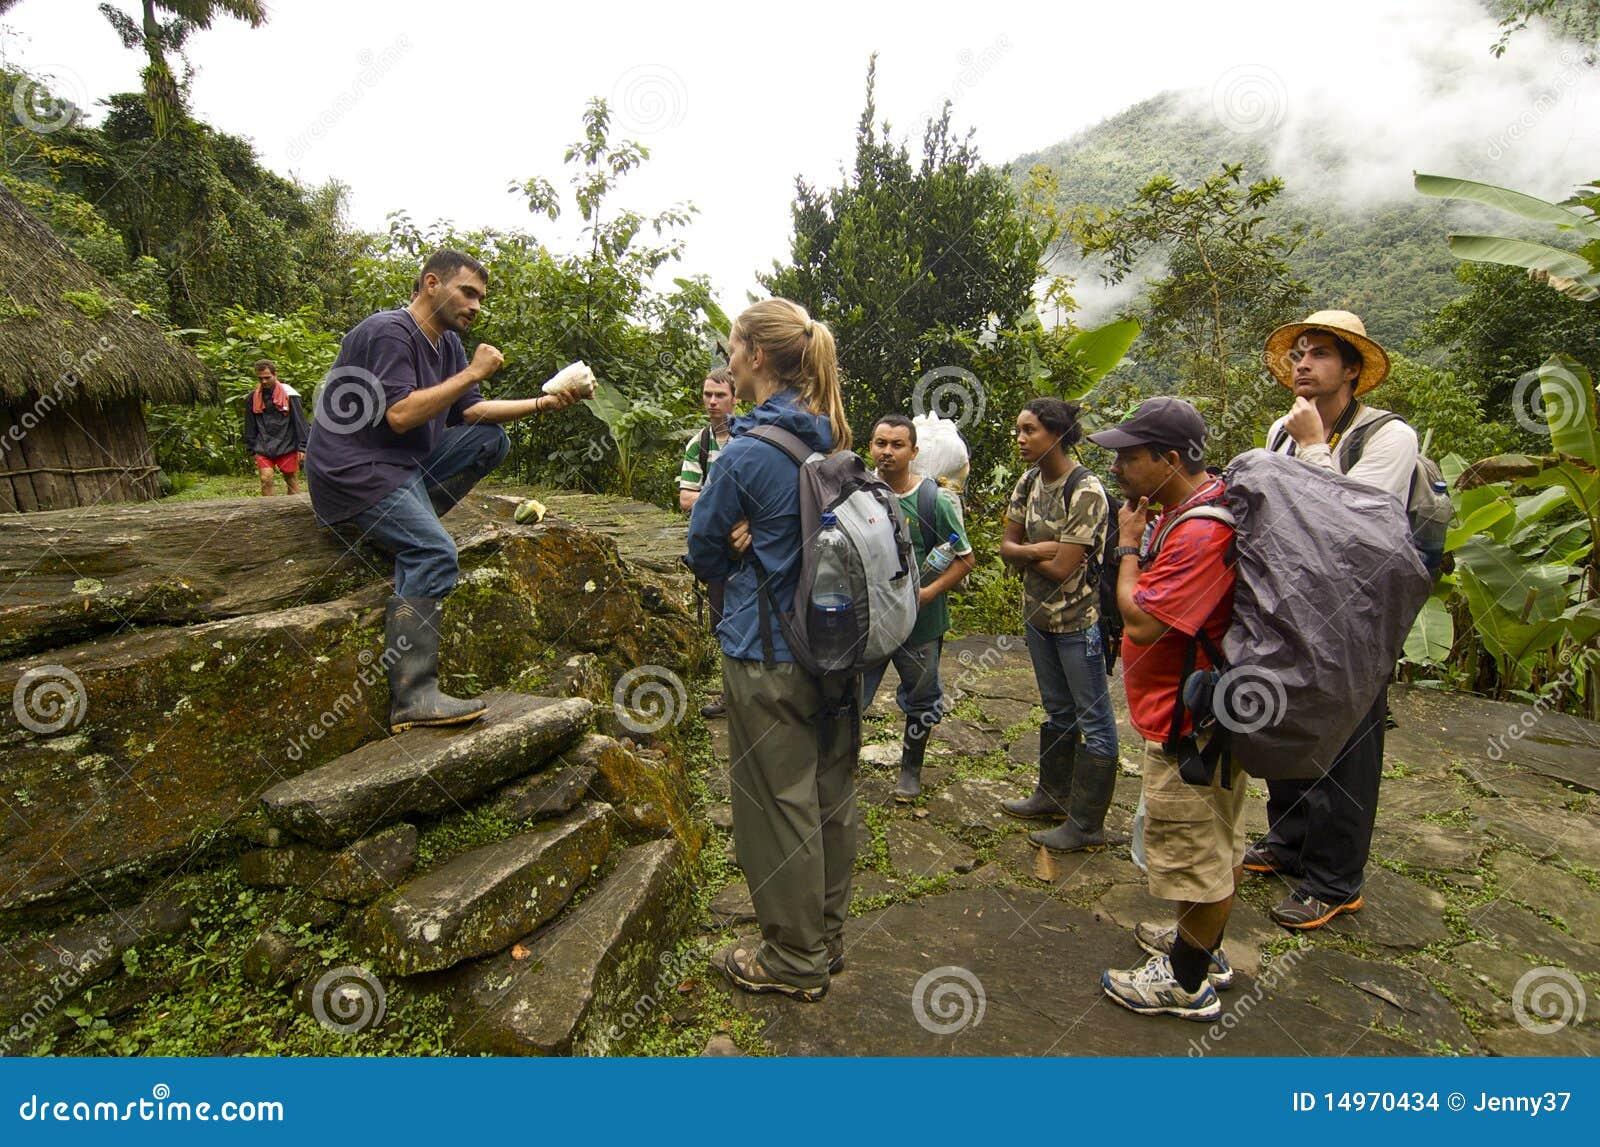 Ciudad получает туристов perdida лекции по истории